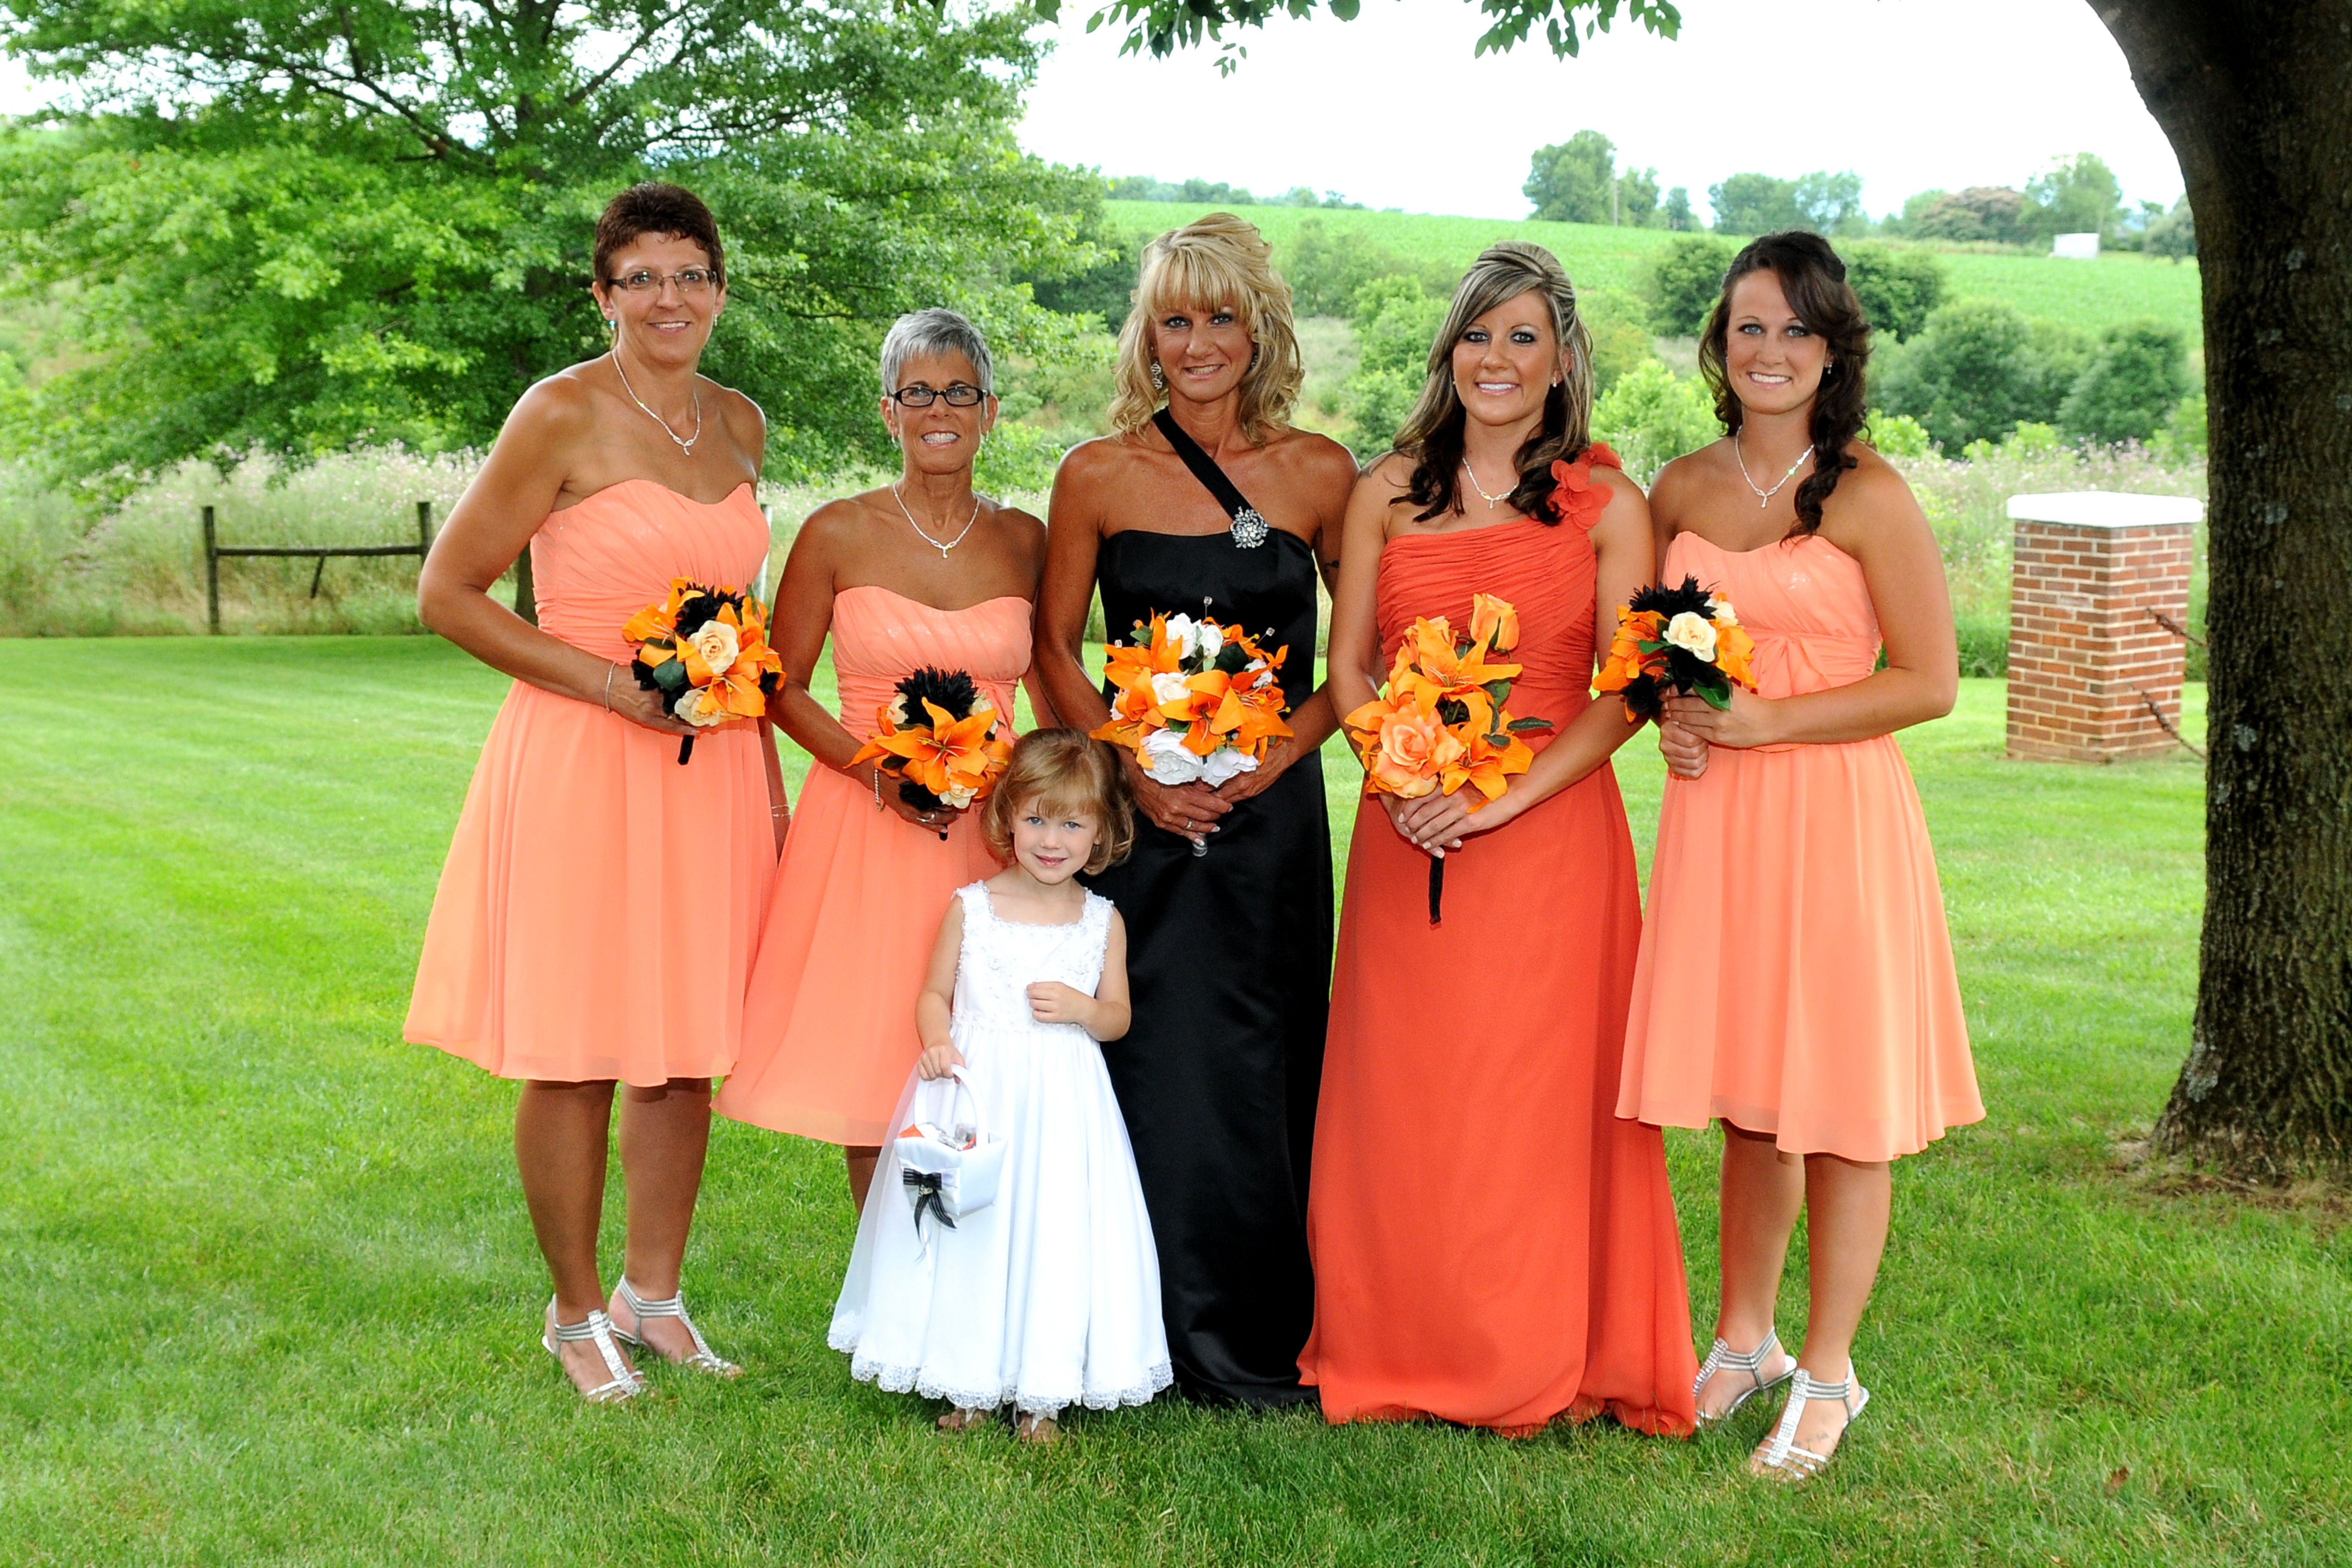 Harley Davidson Wedding: Pin By Karen Silvers On Wedding Ideas